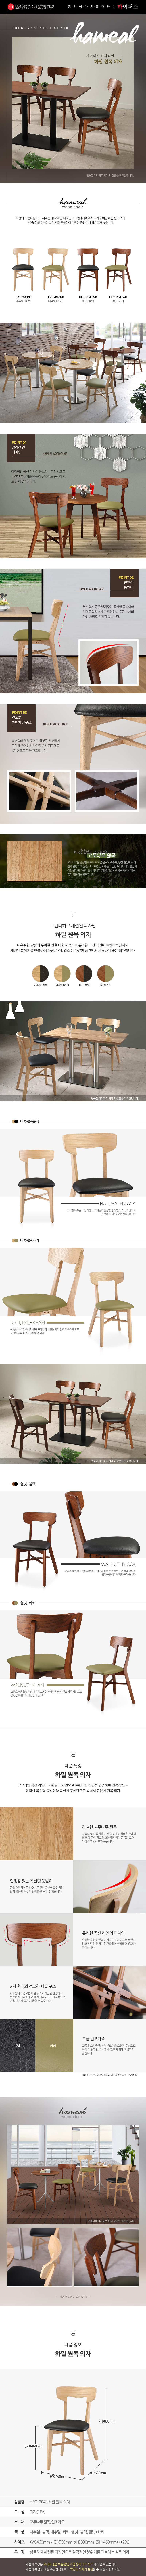 하밀 원목 의자